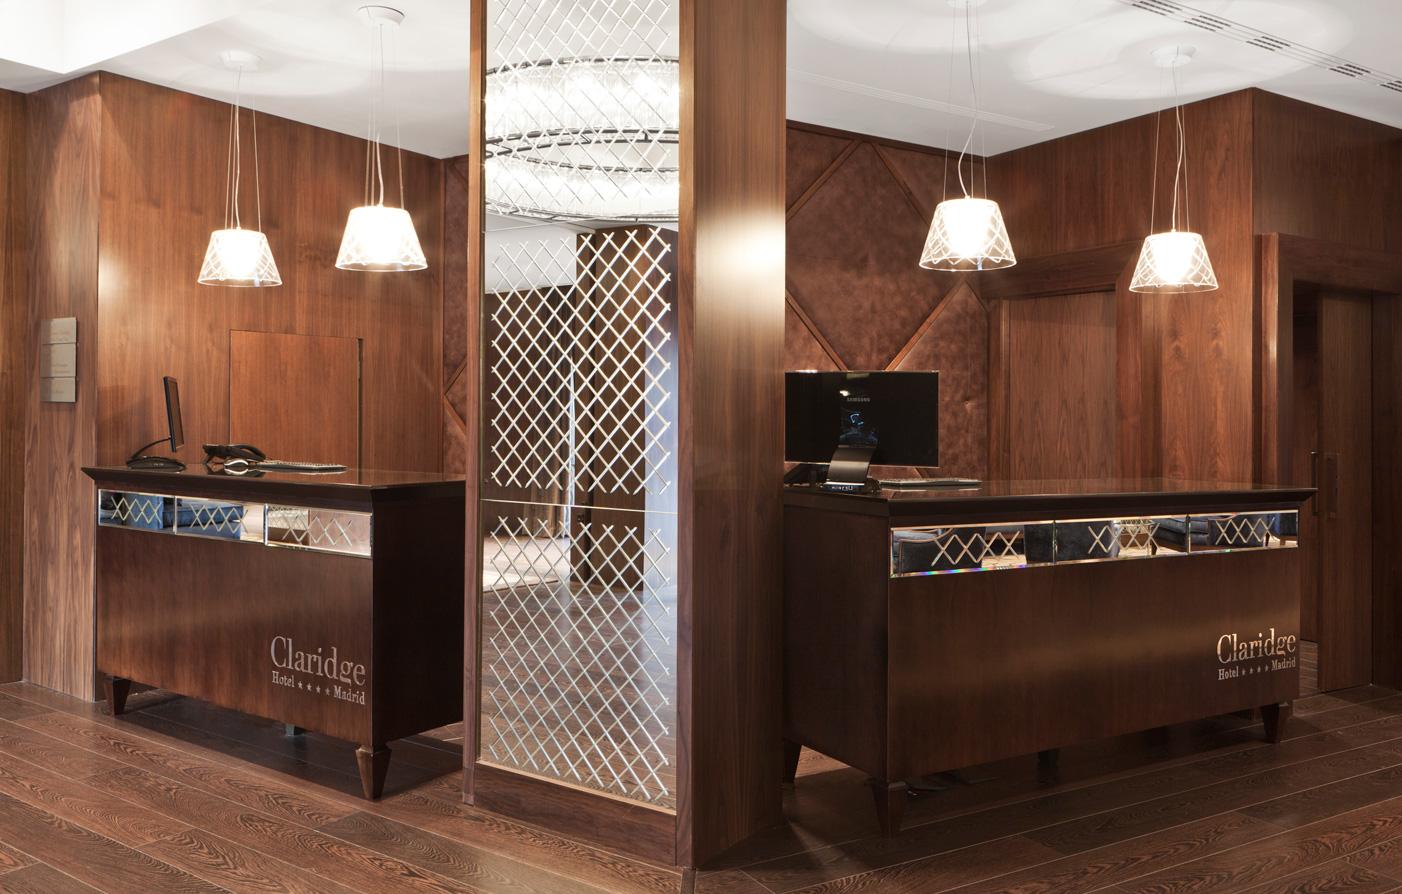 Fotos hotel claridge madrid 56